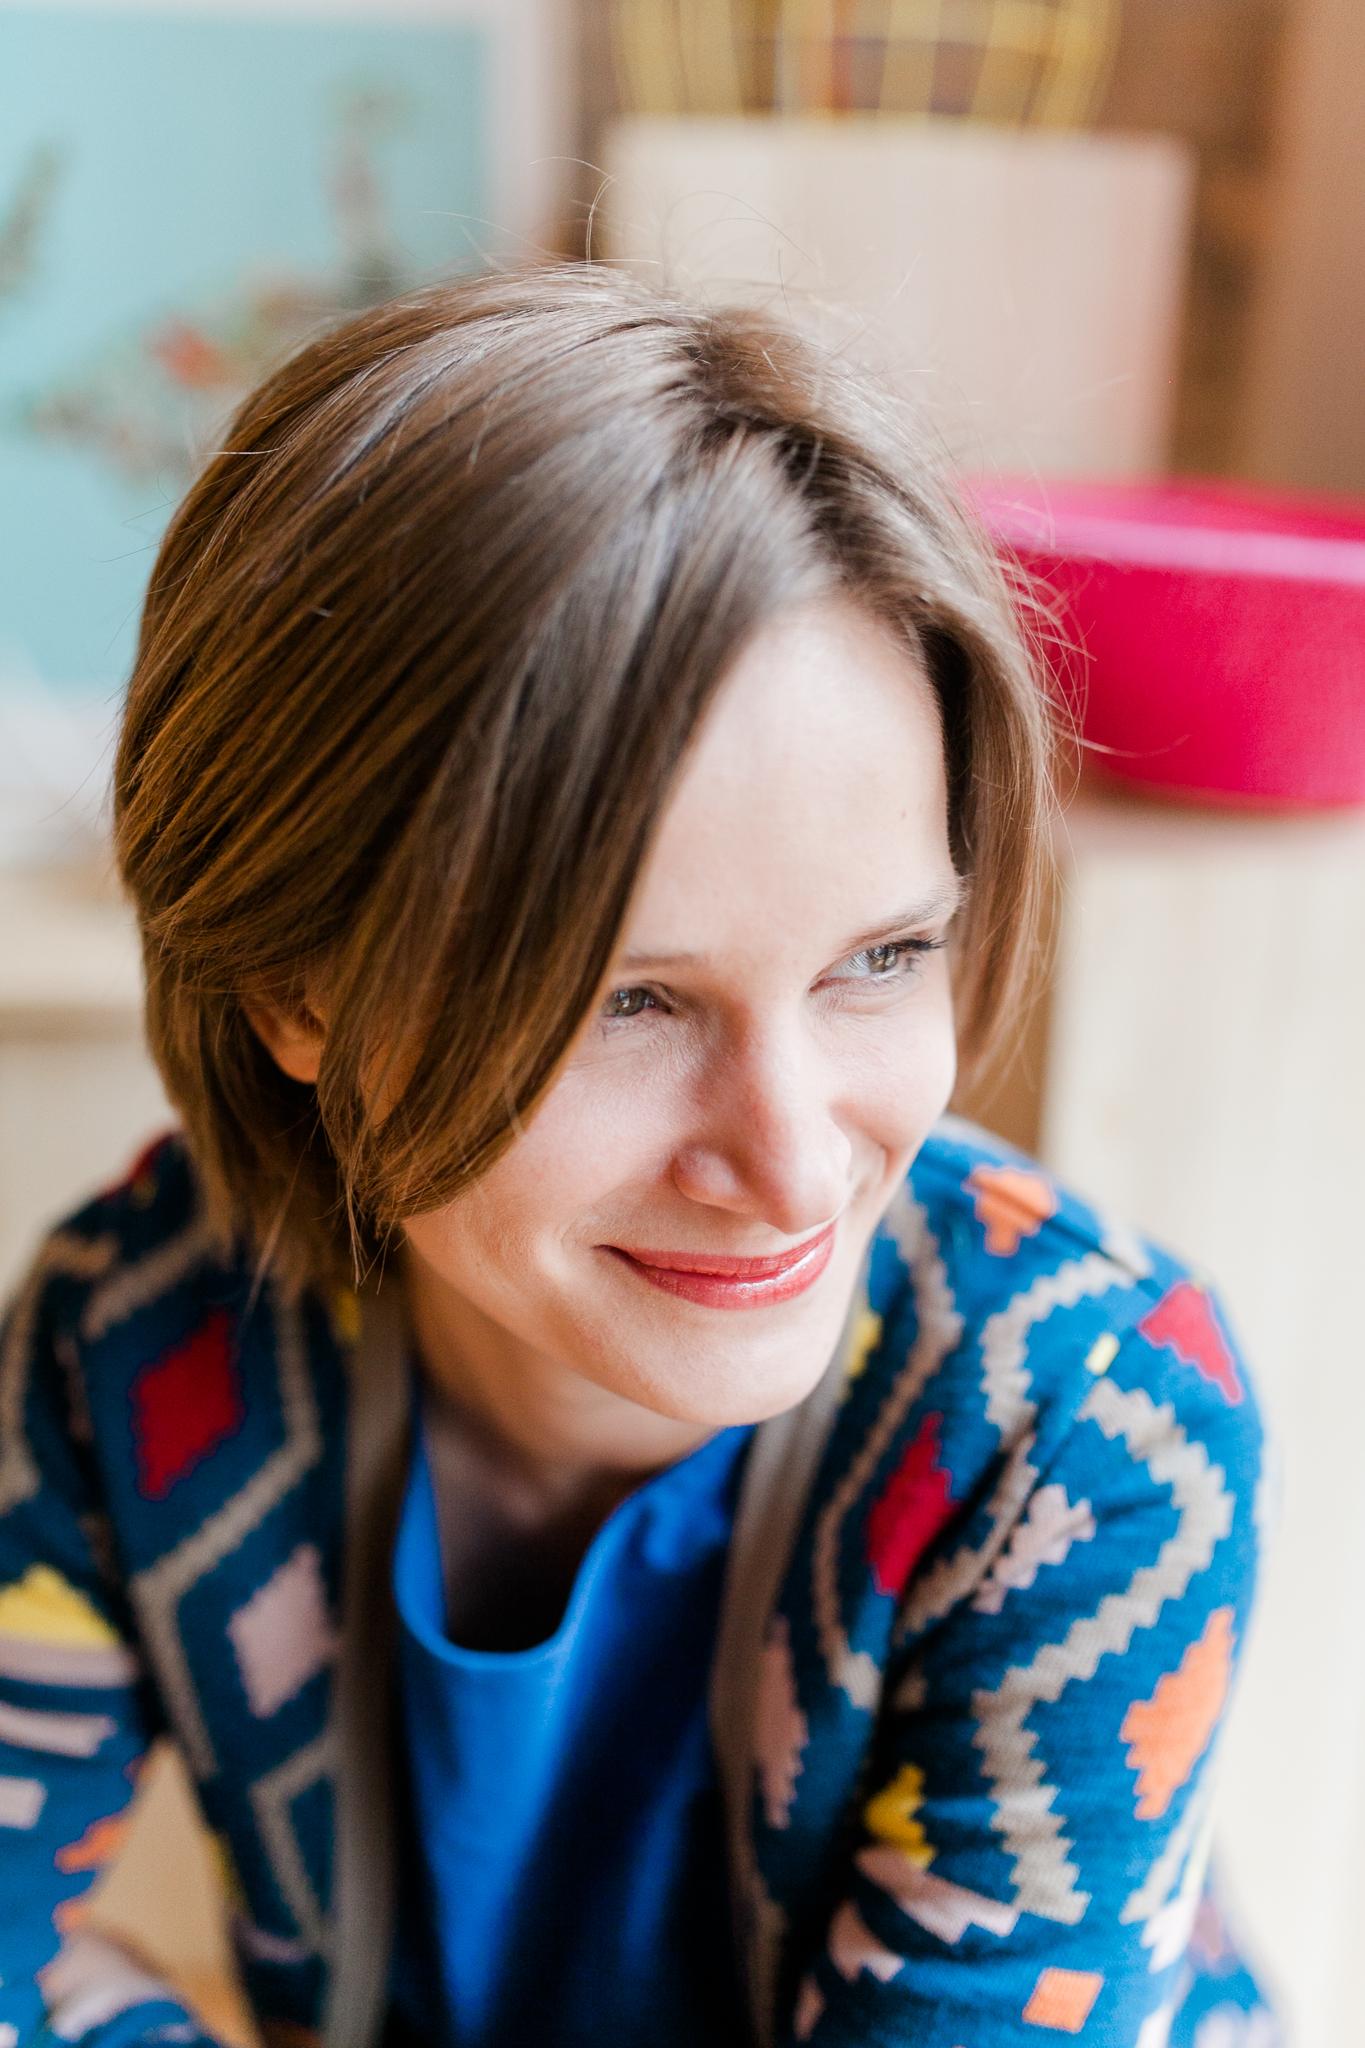 Photo taken by Jill Marie Photography ( www.jill-marie.com )